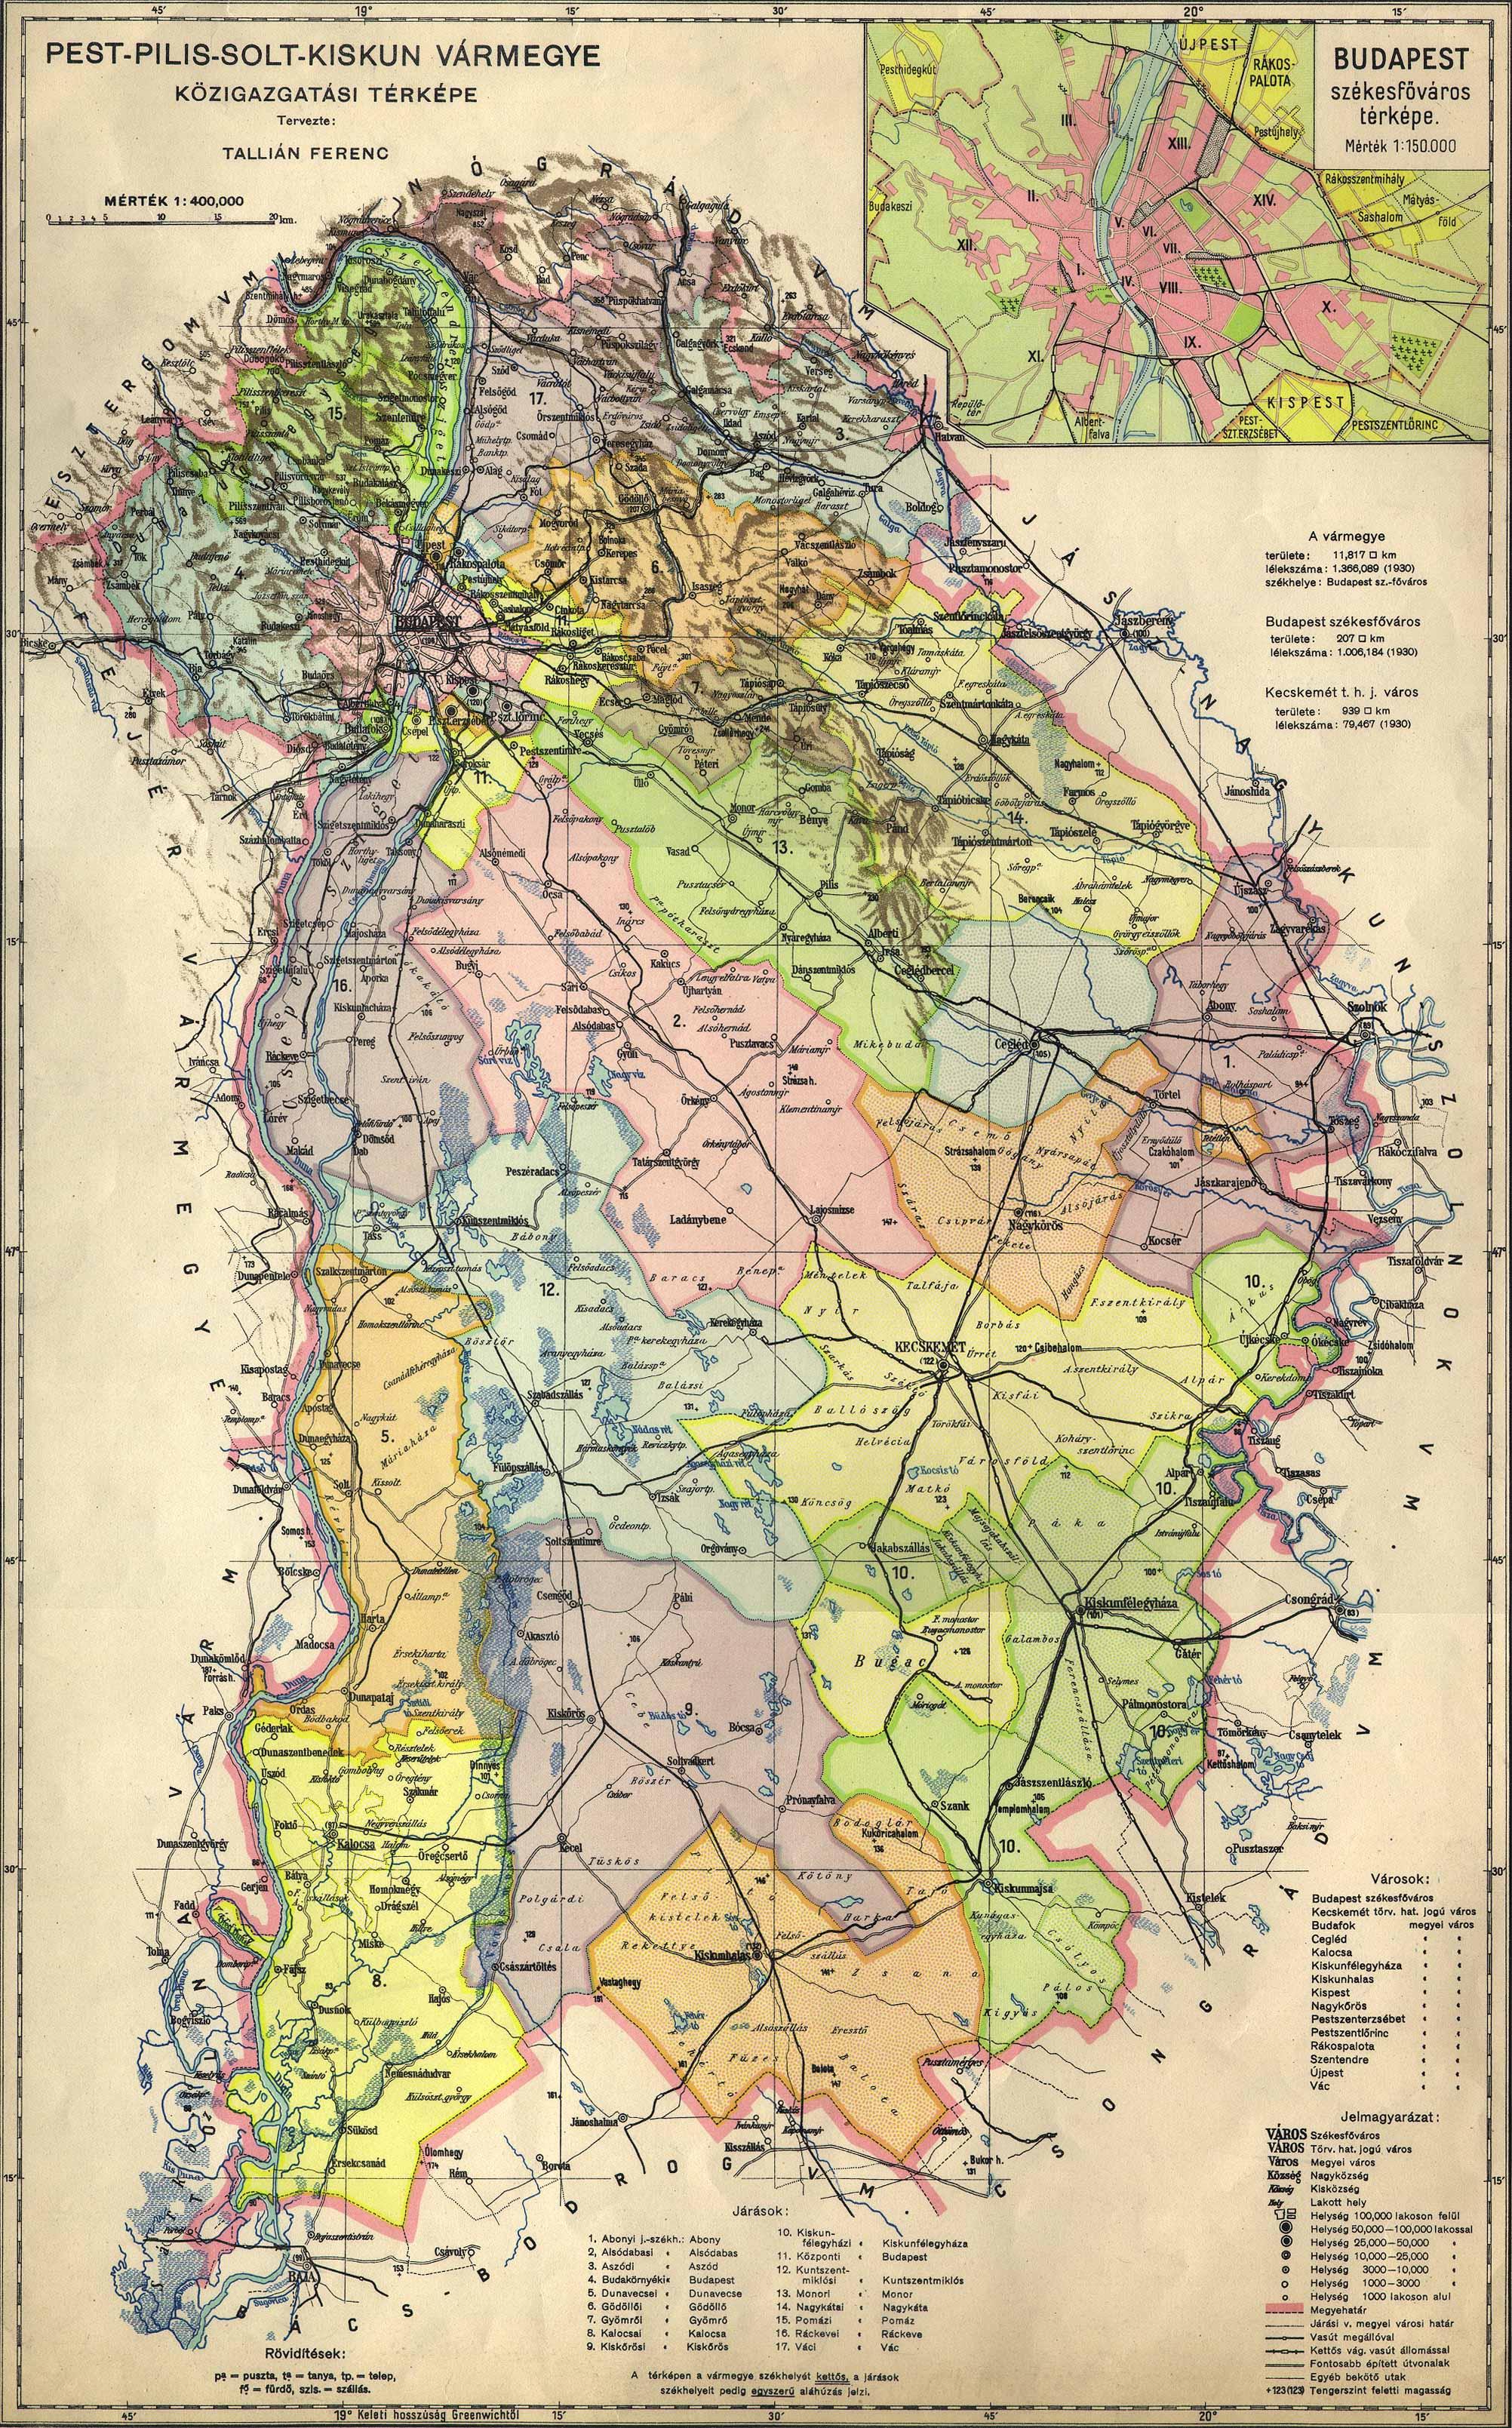 Osztrak Magyar Monarchia Varmegyei 1910